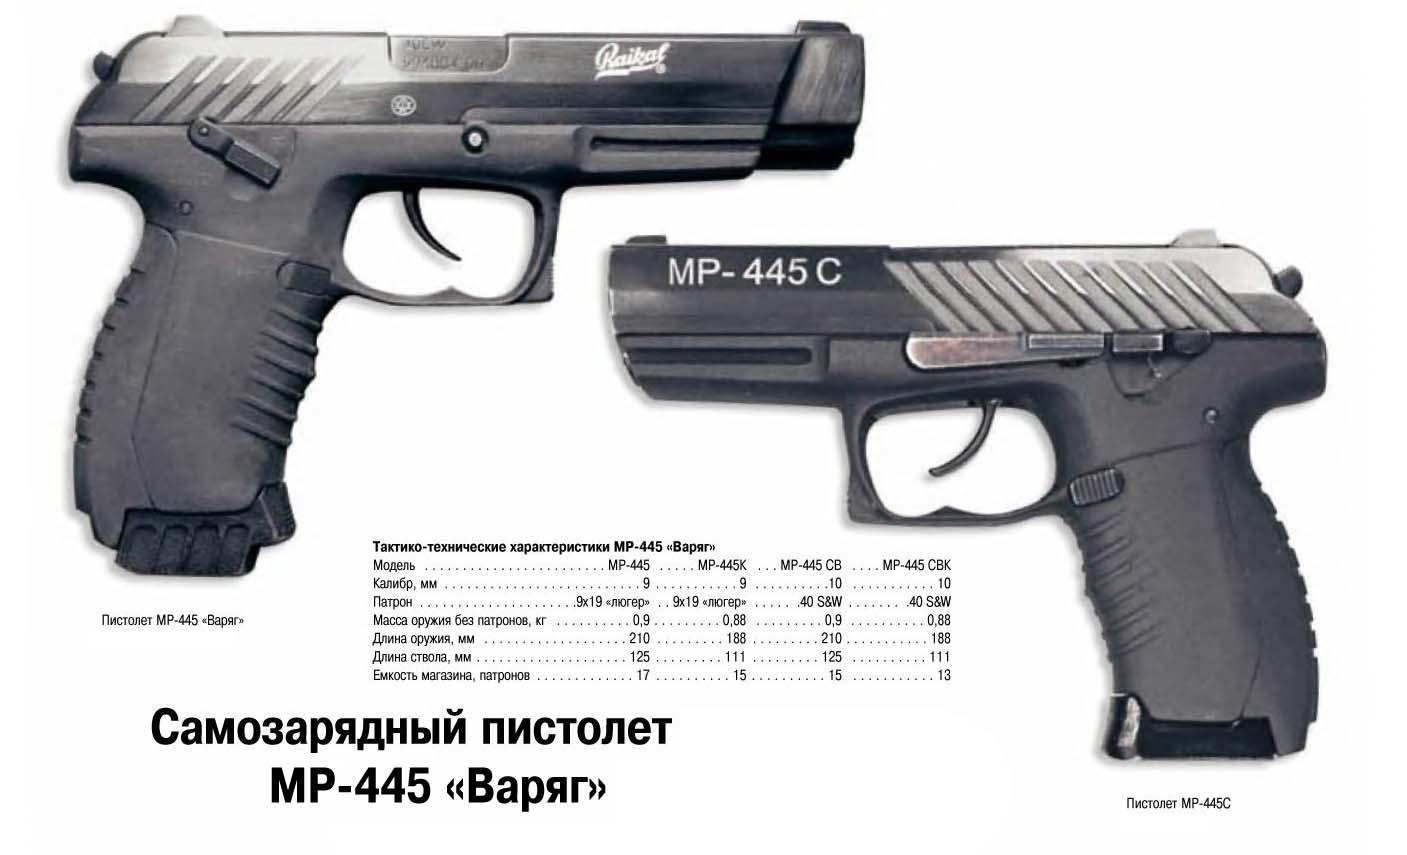 Российское оружие фото и характеристики 4